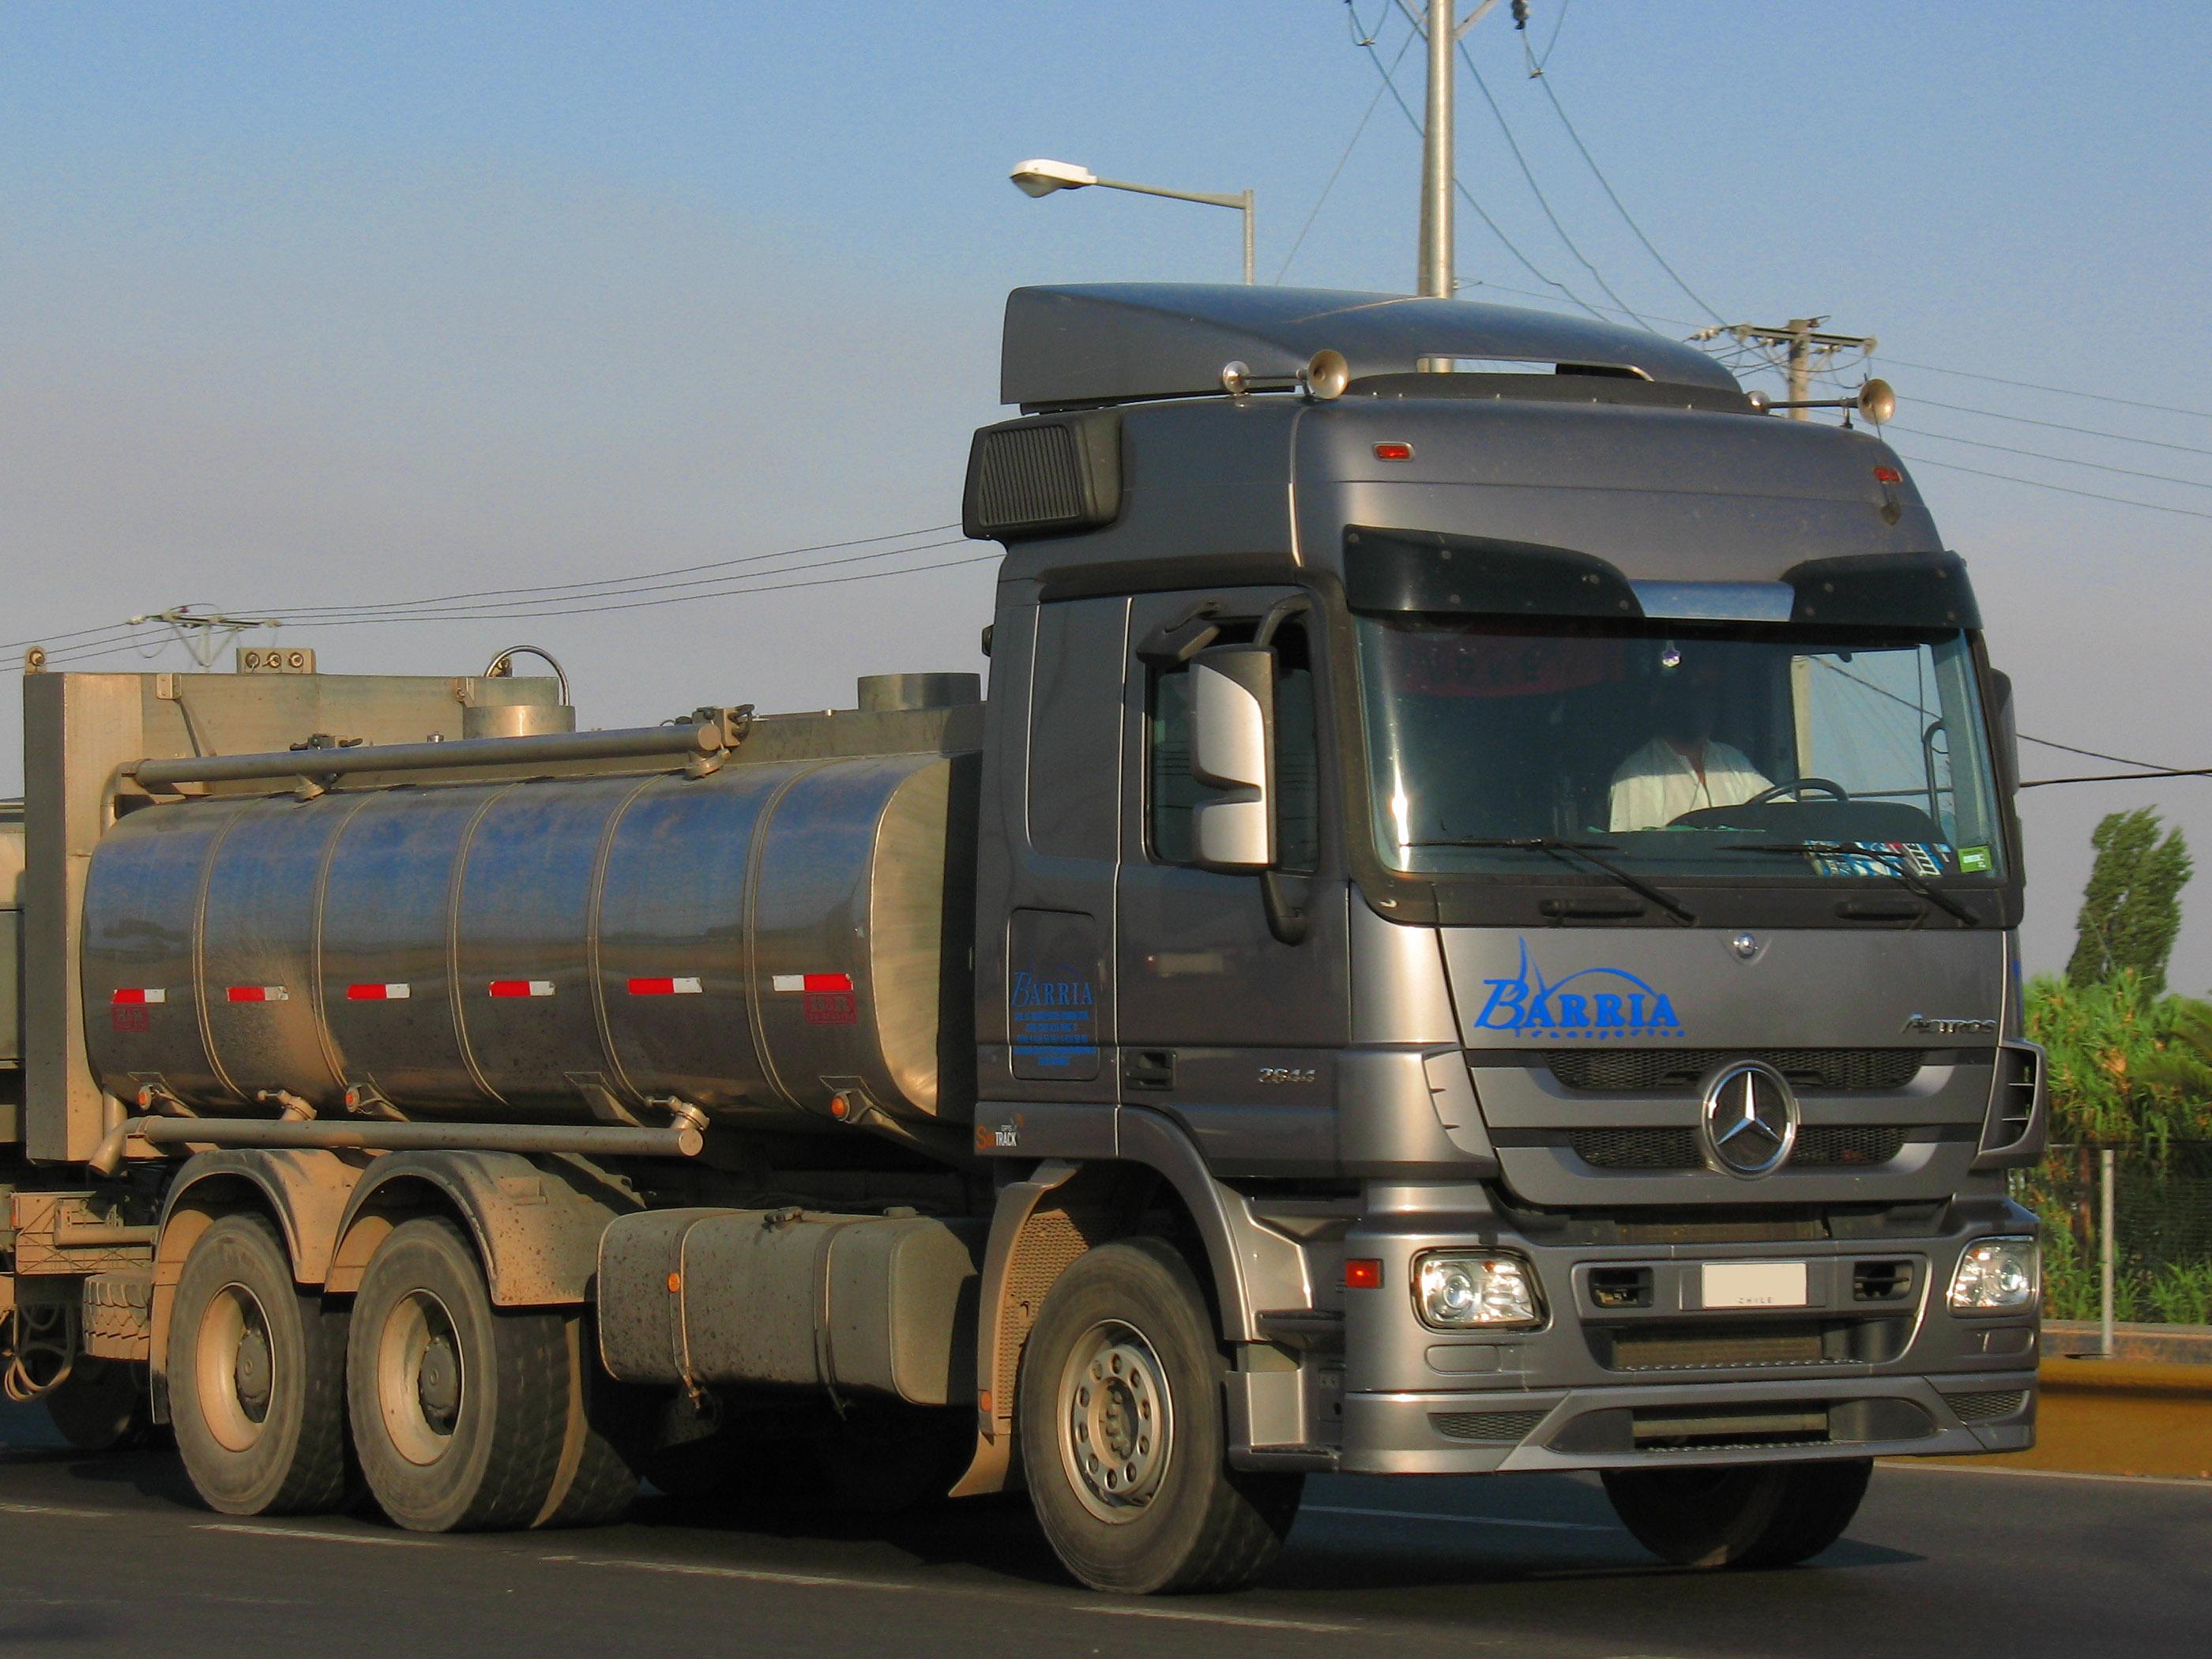 File:Mercedes Benz Actros 2644 2011 (14955701090).jpg